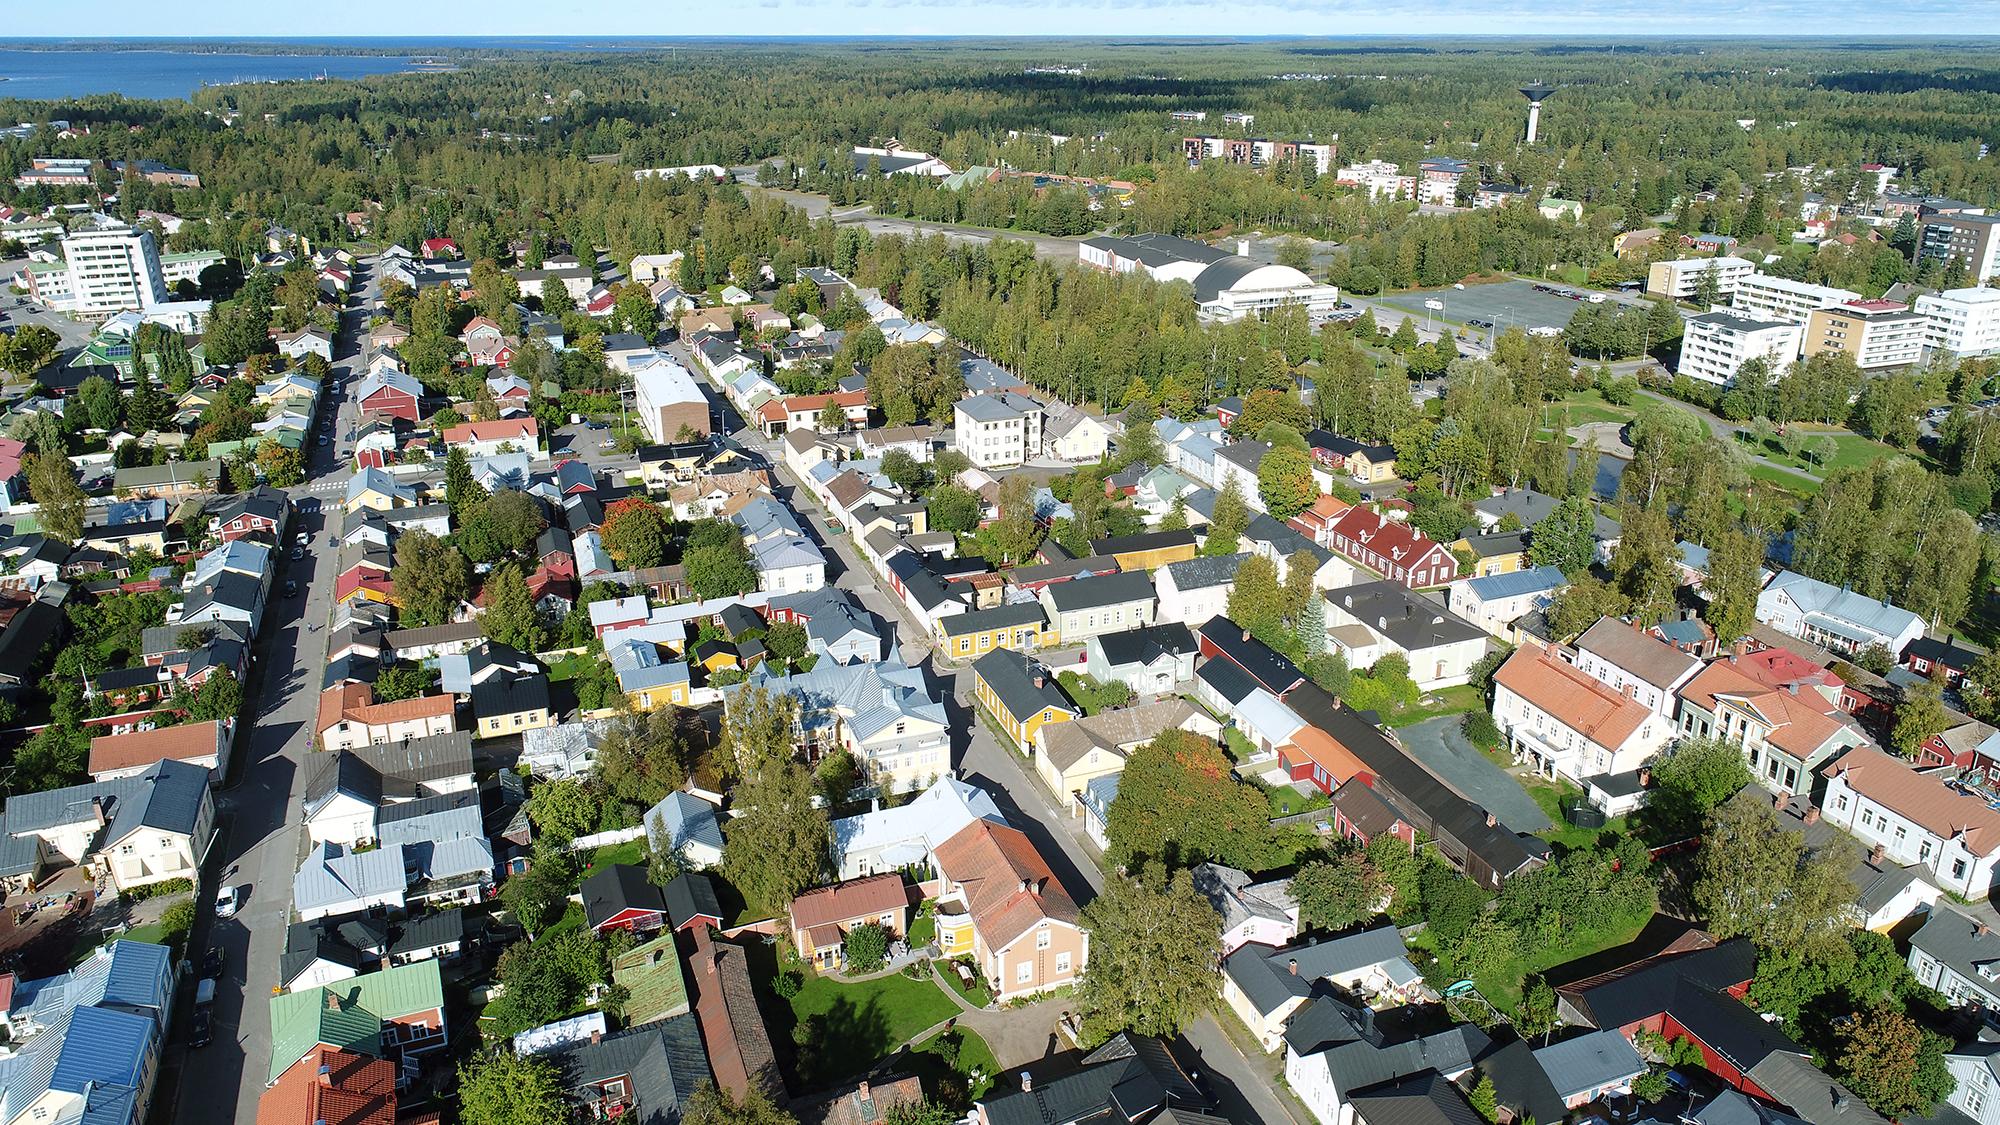 Ilmasta otettu kuva Neristanin yläpuolelta. Etualalla näkyy Kokkolan vanhaa kaupunkia katuineen, pihoineen ja rakennuksineen. Hieman kauempana näkyy Urheilutalo ja sen takana vesitorni. Kaukana horisontissa siintää meri.